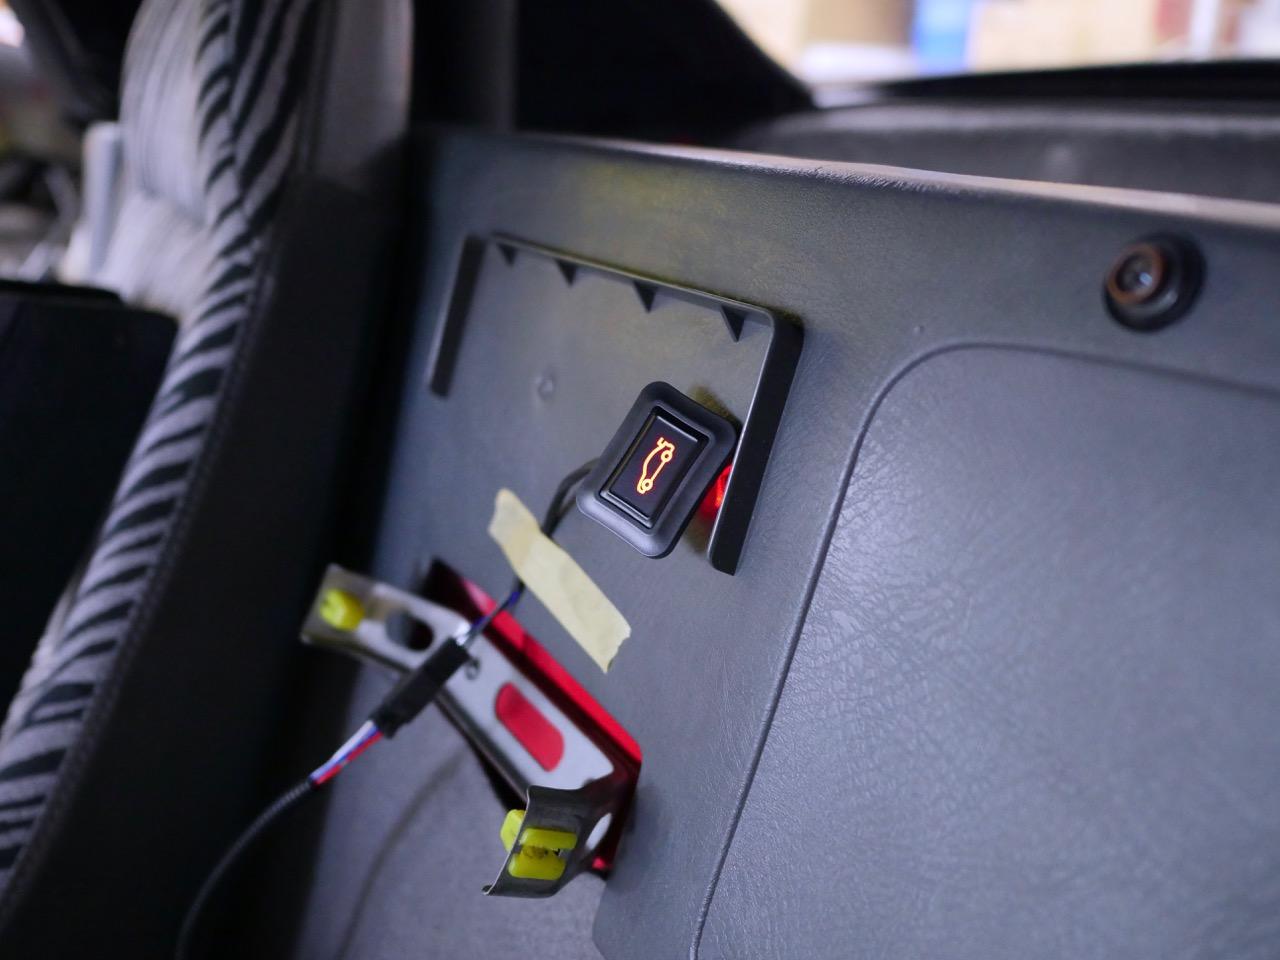 トランクオープンボタン取付